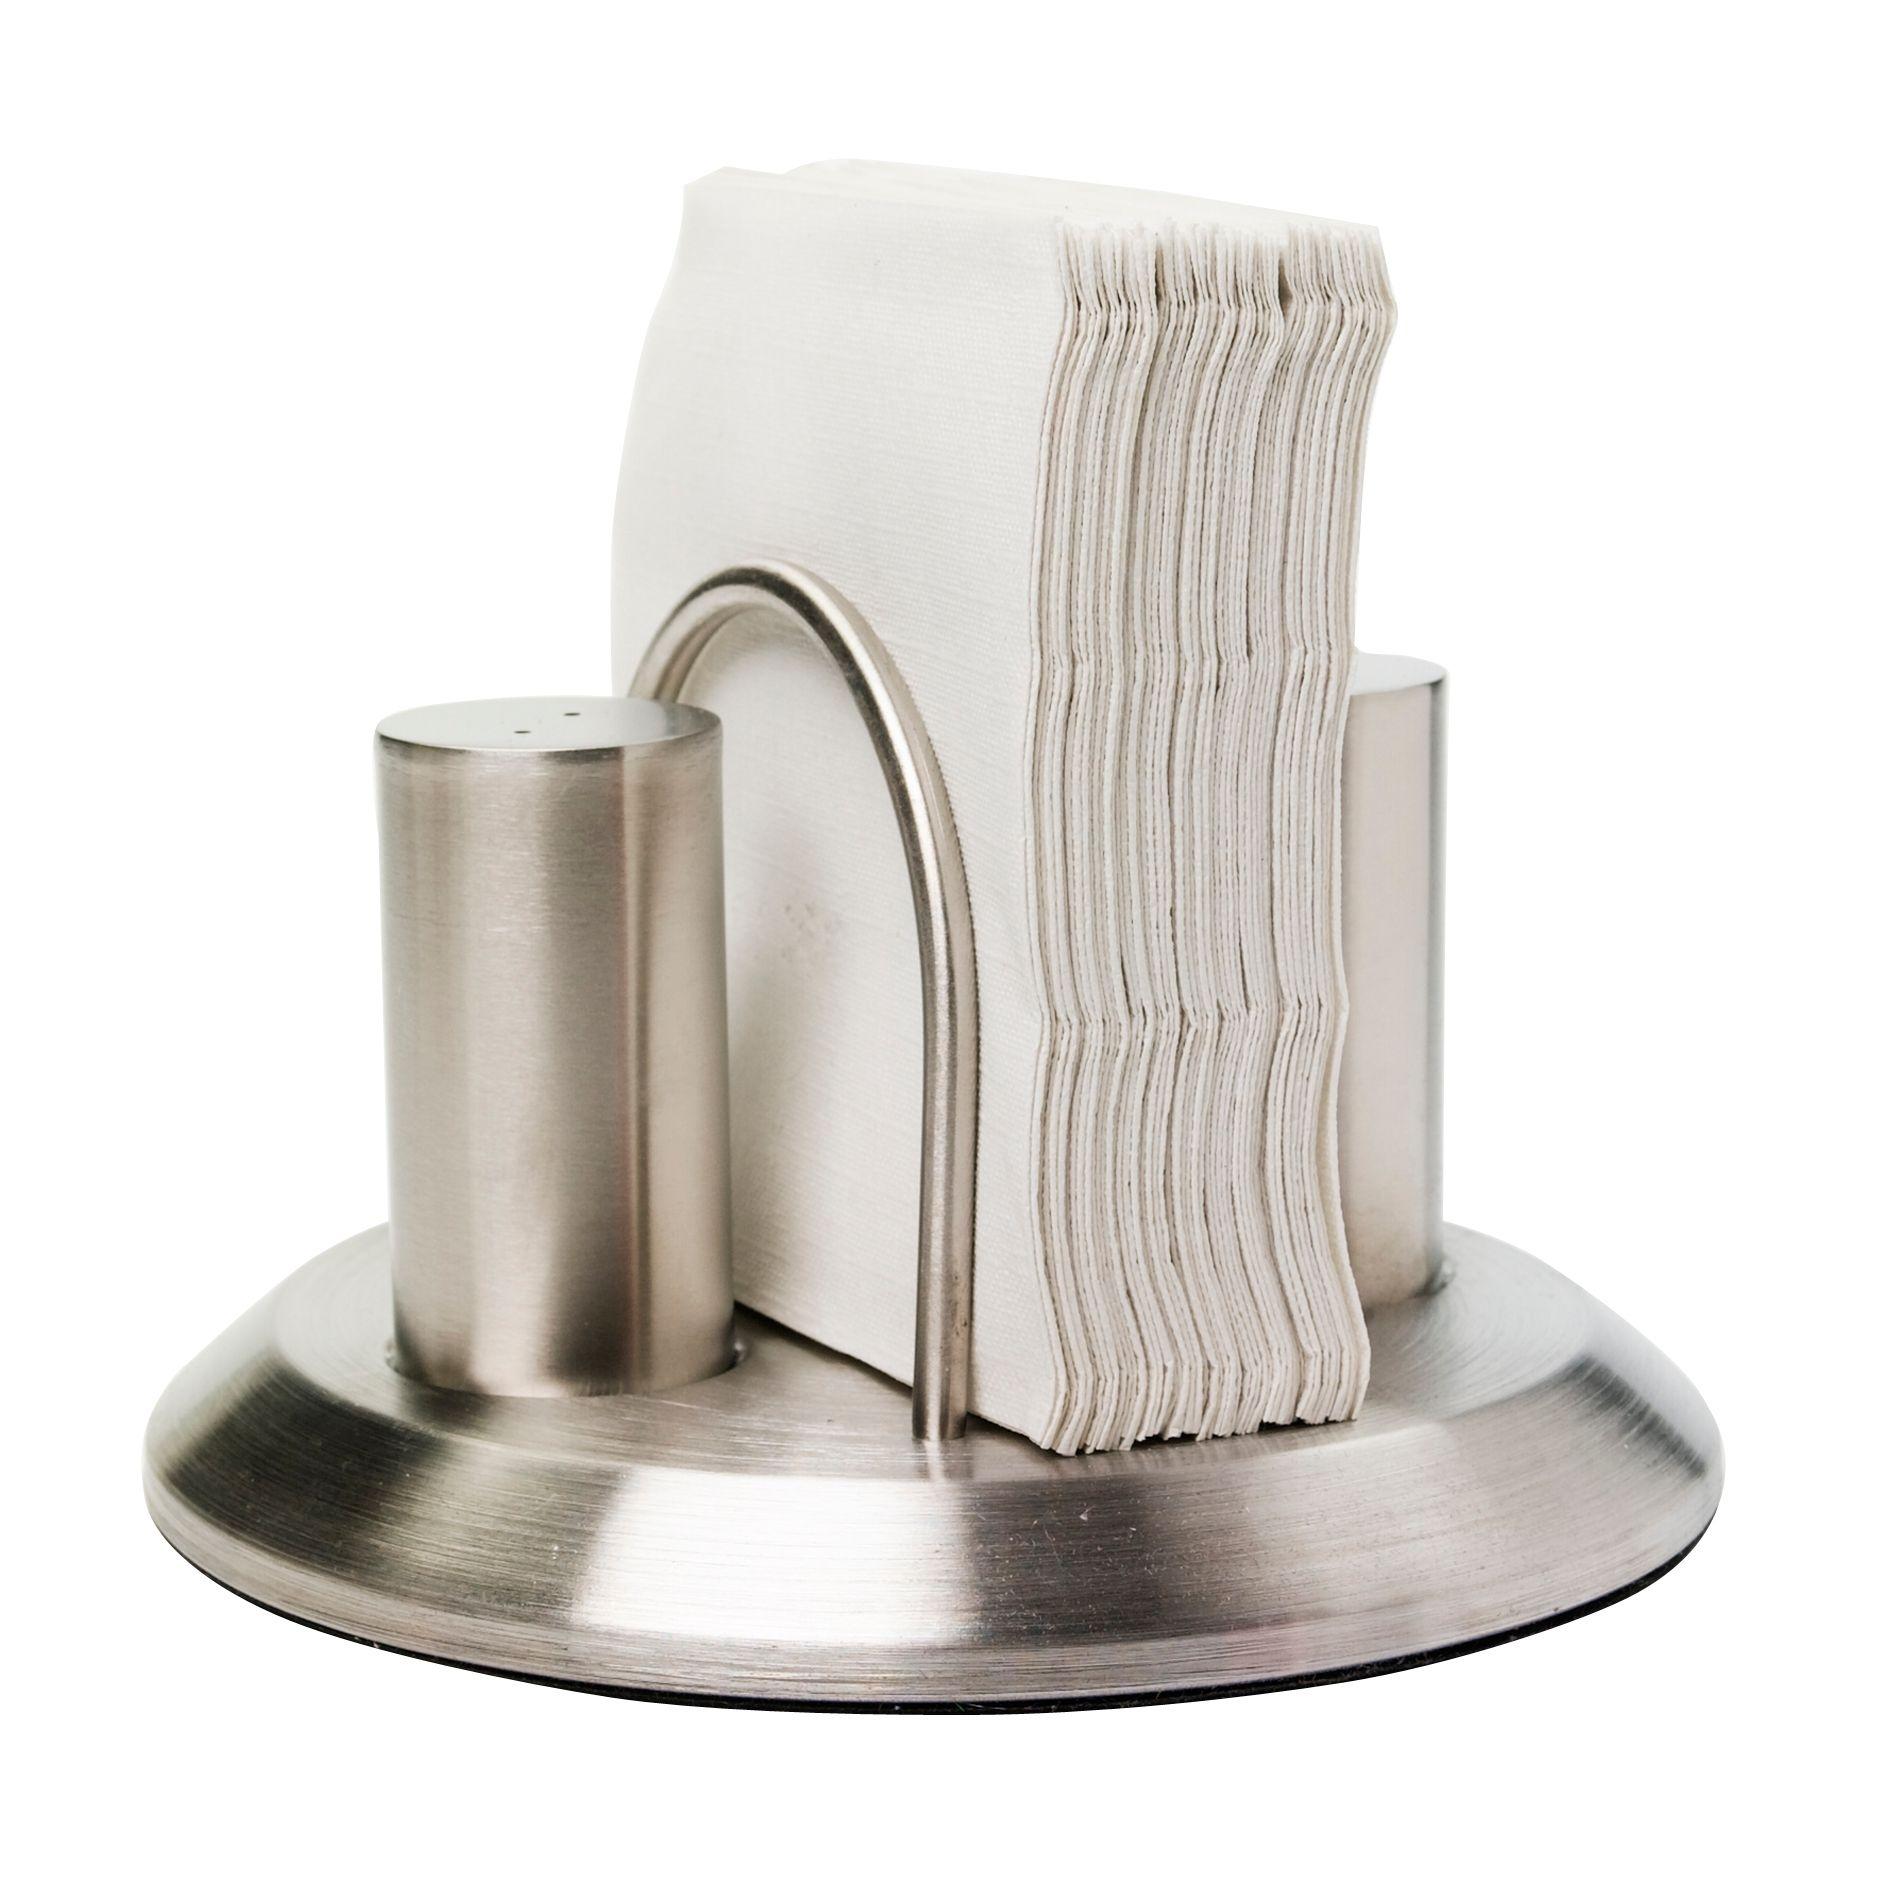 Stainless Steel Napkin Holder Ideas On Foter